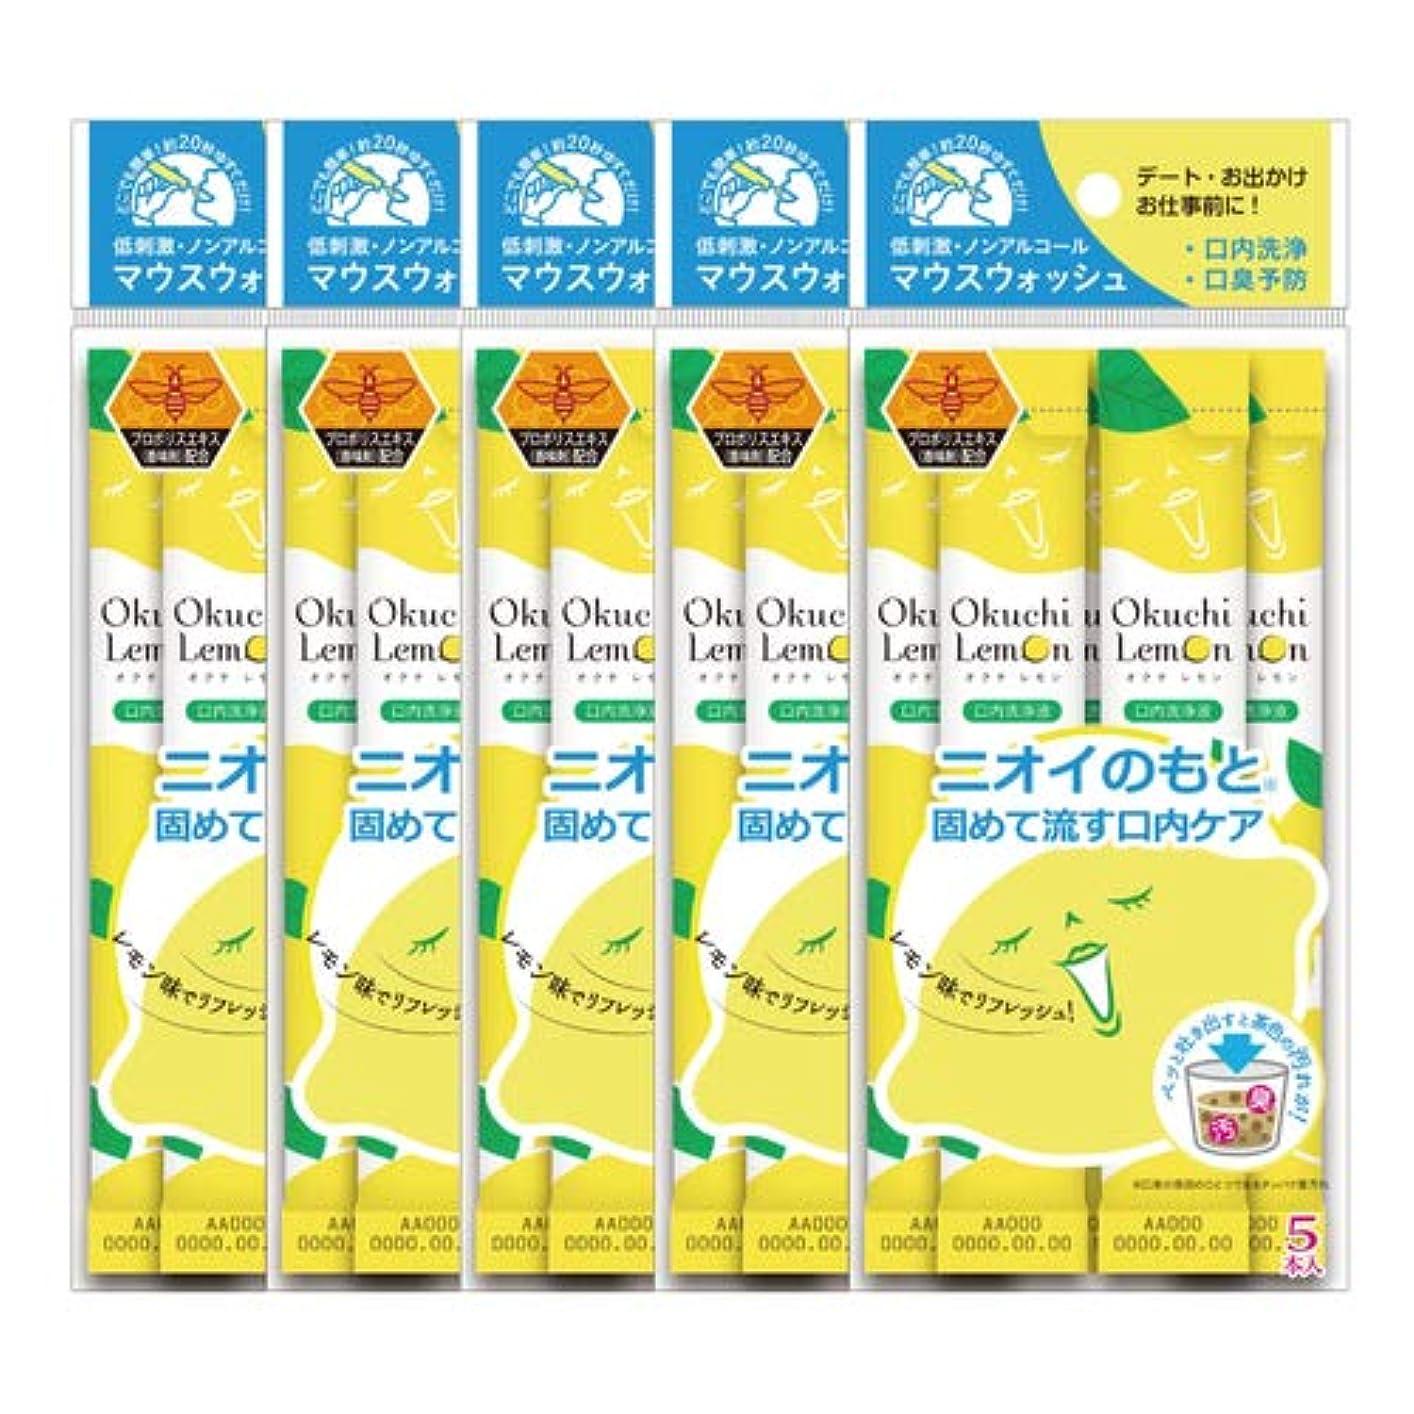 同化かもしれないディスカウント口臭の原因除去マウスウォッシュ オクチレモン 5個セット(5本入り×5個)